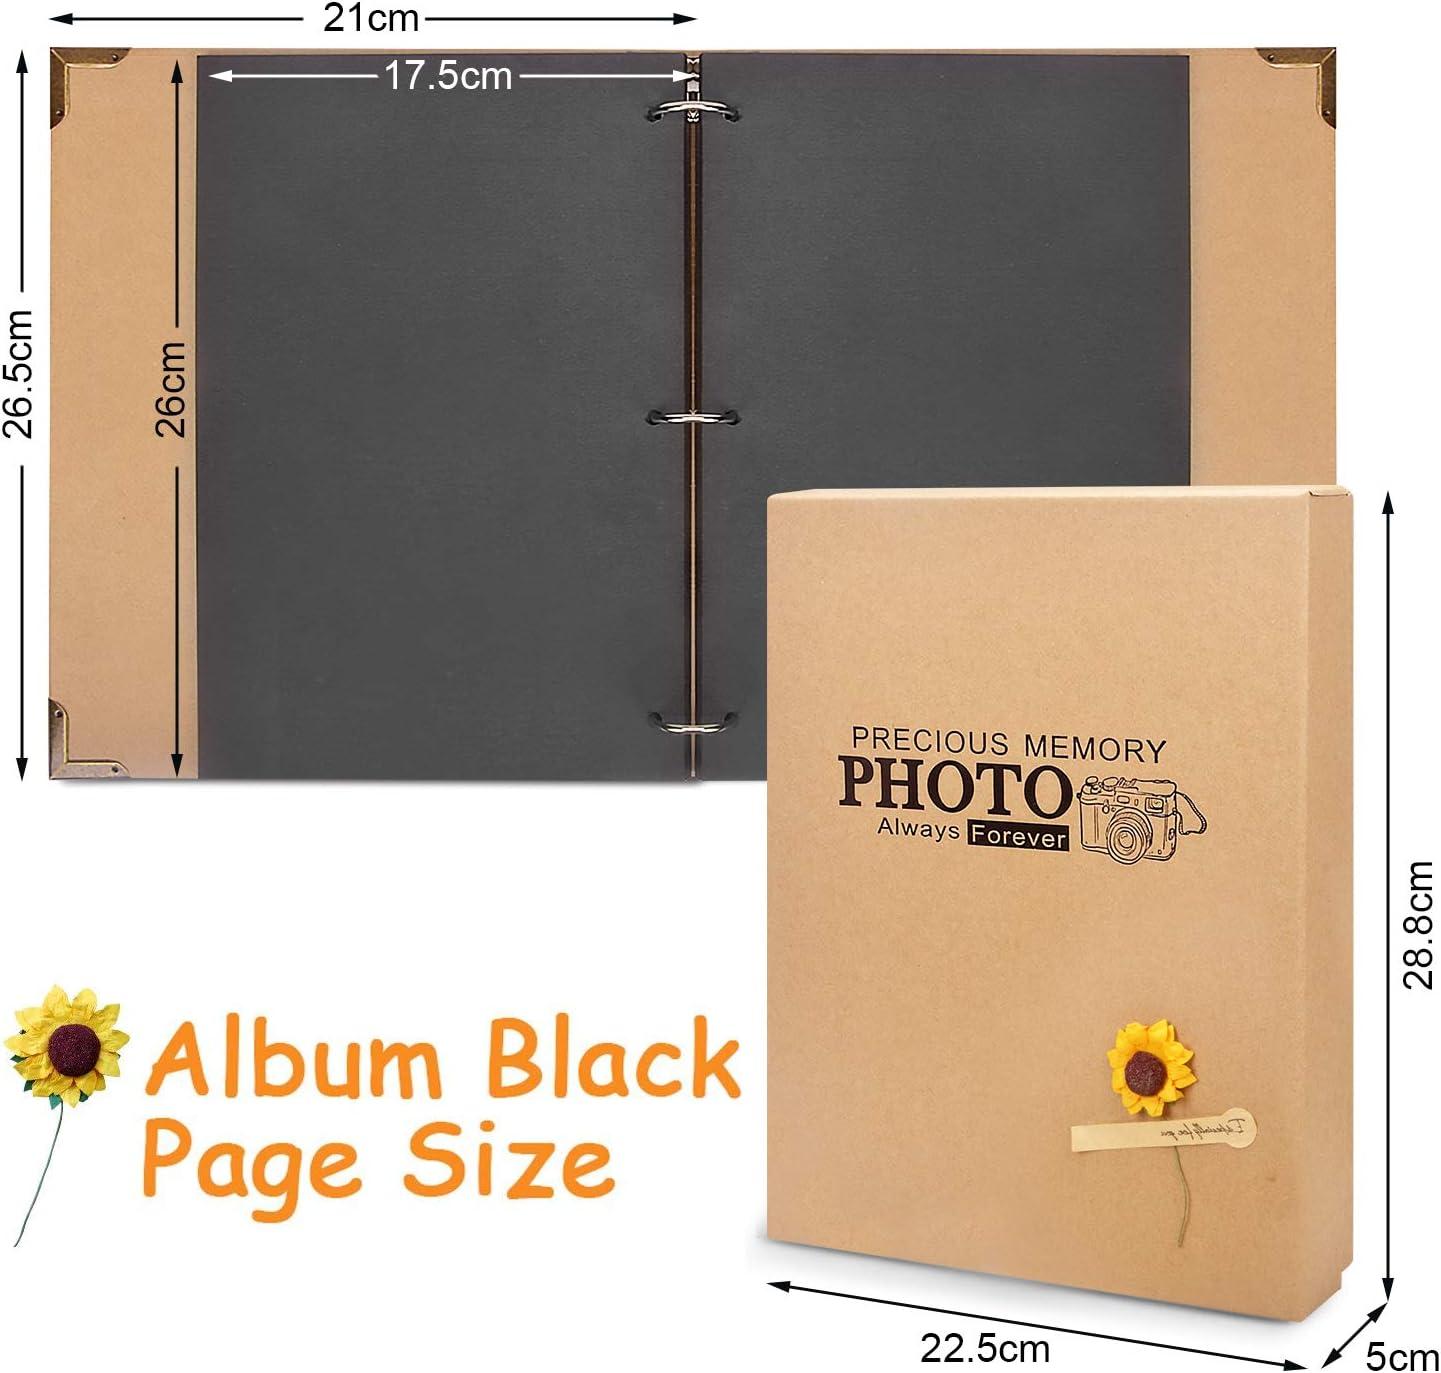 80 p/áginas en negro boda 21 x 27 cm /álbum de fotos con dobladillo vintage y libro de anillas Adkwse para beb/é /Álbum de fotos para dise/ñar t/ú mismo con caja de regalo familia